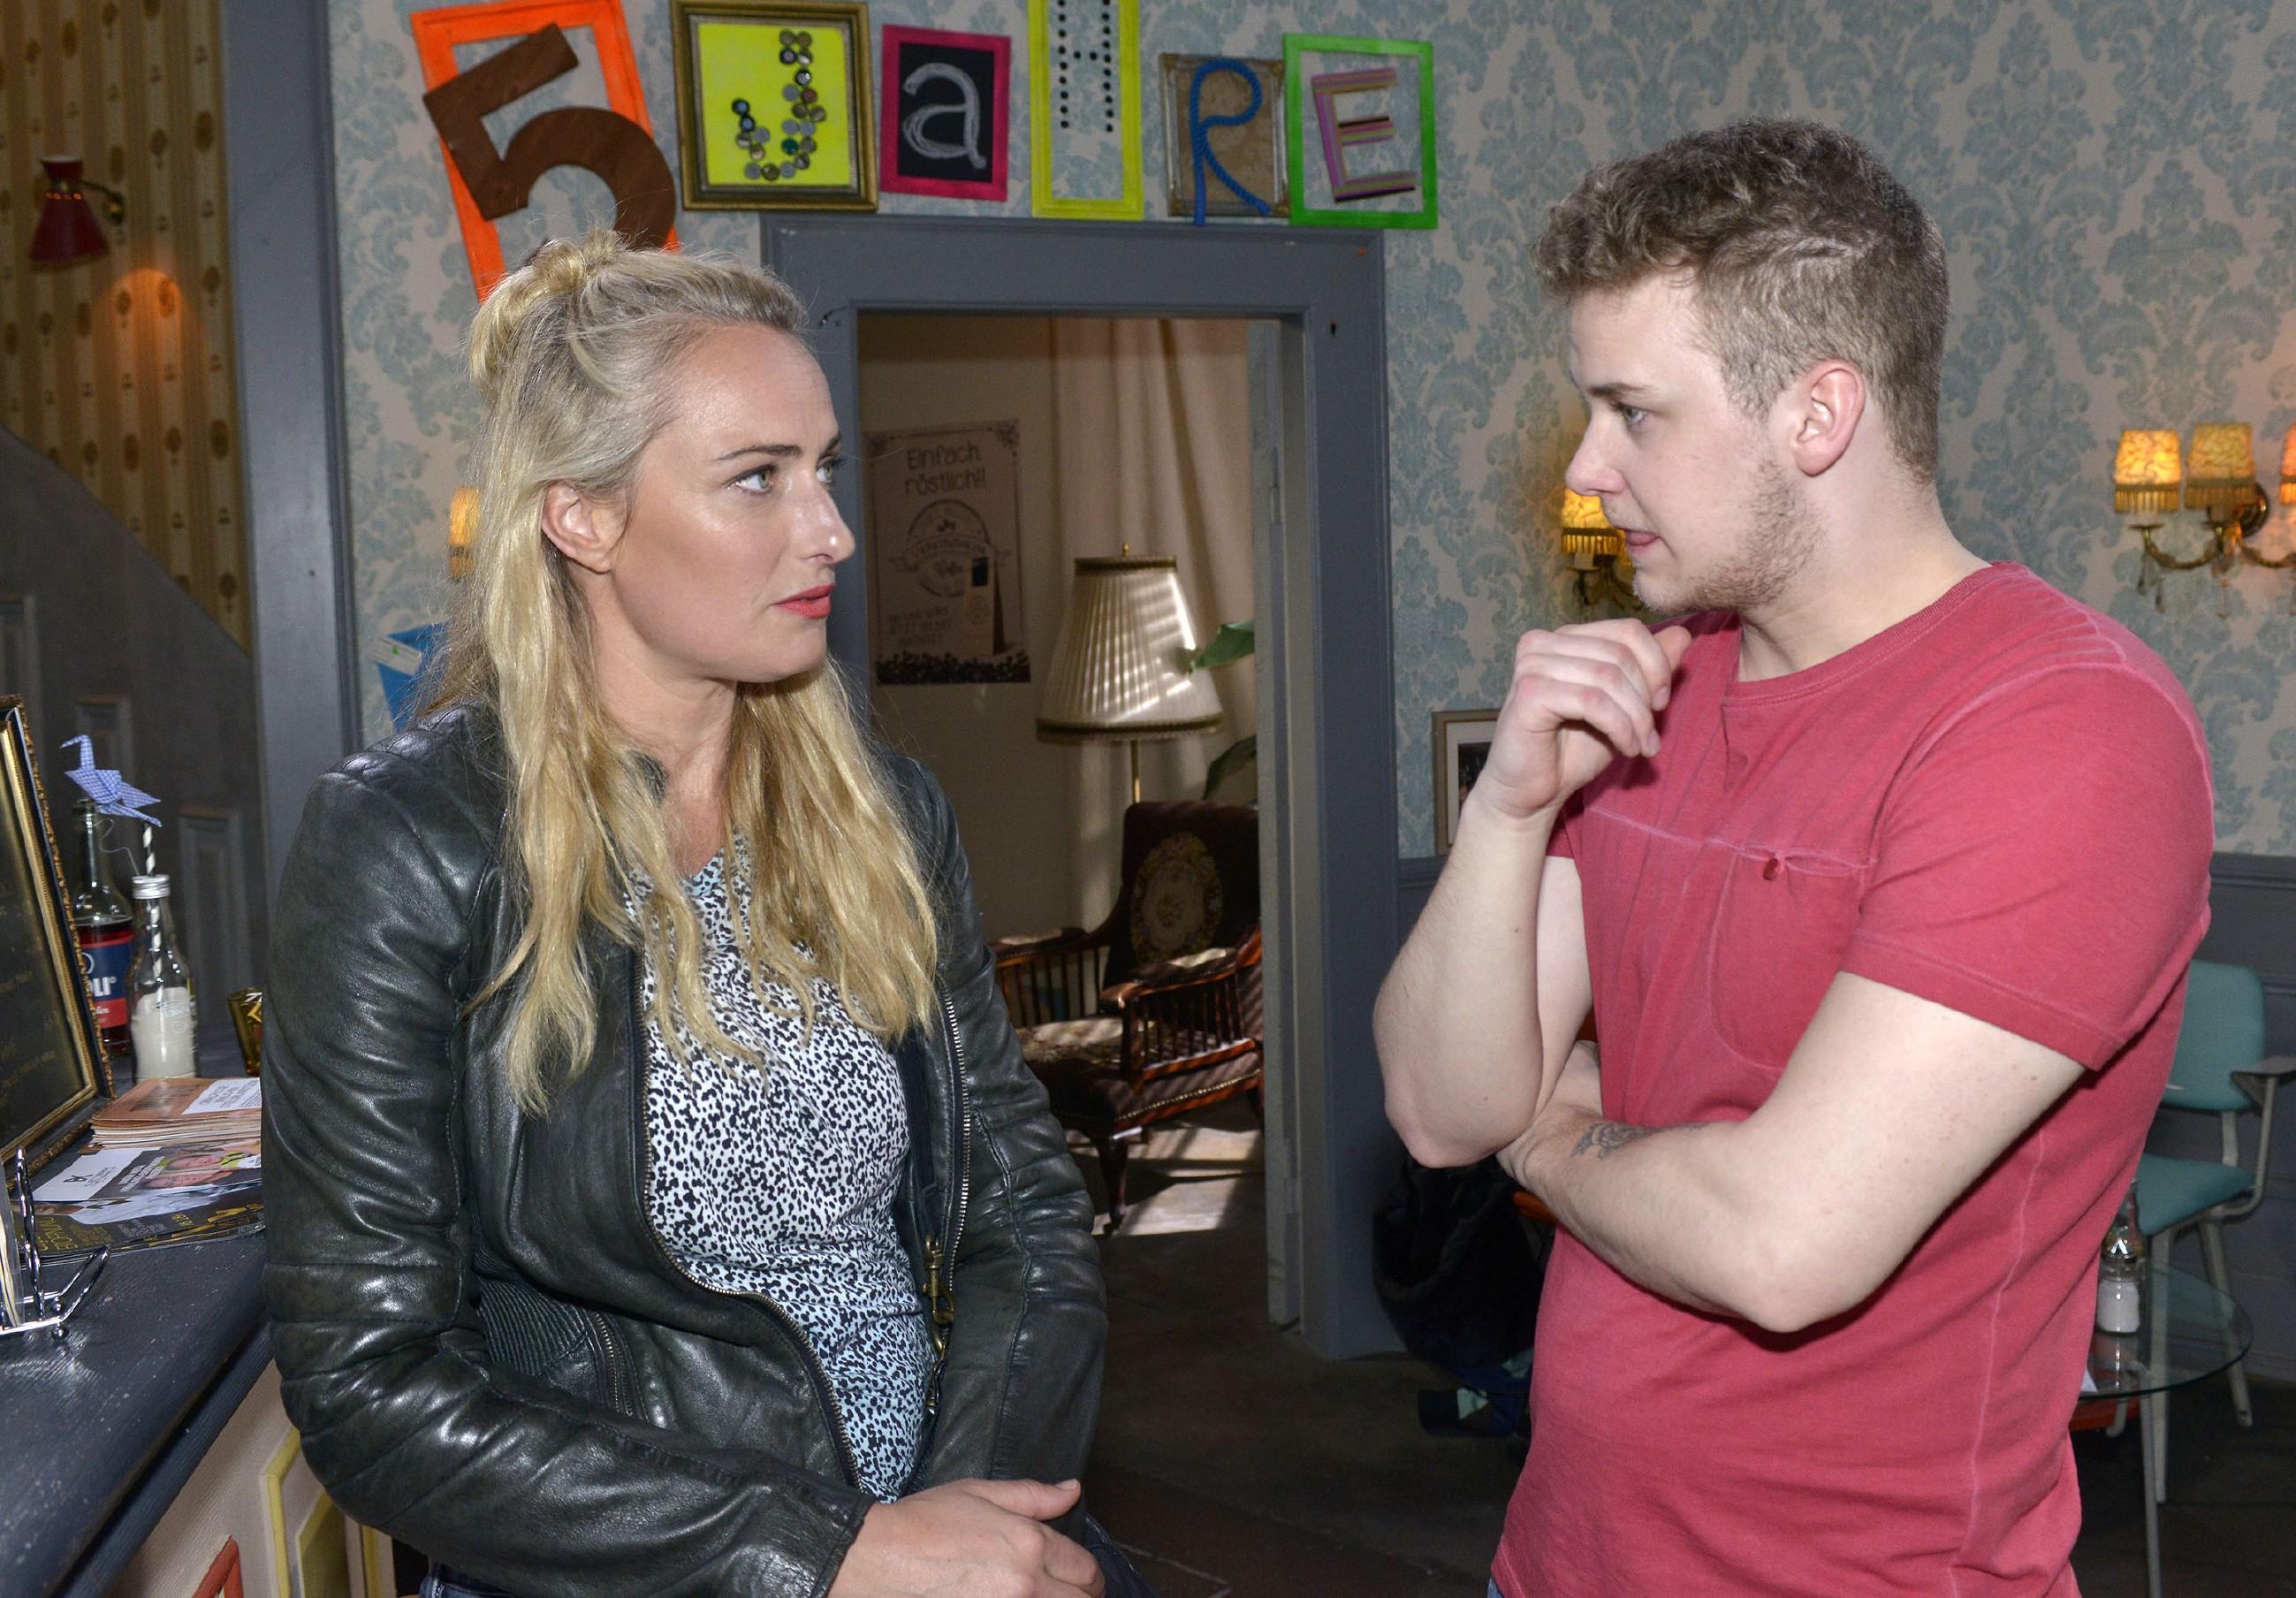 Maren (Eva Mona Rodekirchen) versucht Jonas (Felix van Deventer) mit klaren Worten und Unterstützung aus seinem Loch zu holen und hofft, dass er seine Zukunft gewissenhaft angeht. (Quelle: RTL / Rolf Baumgartner)